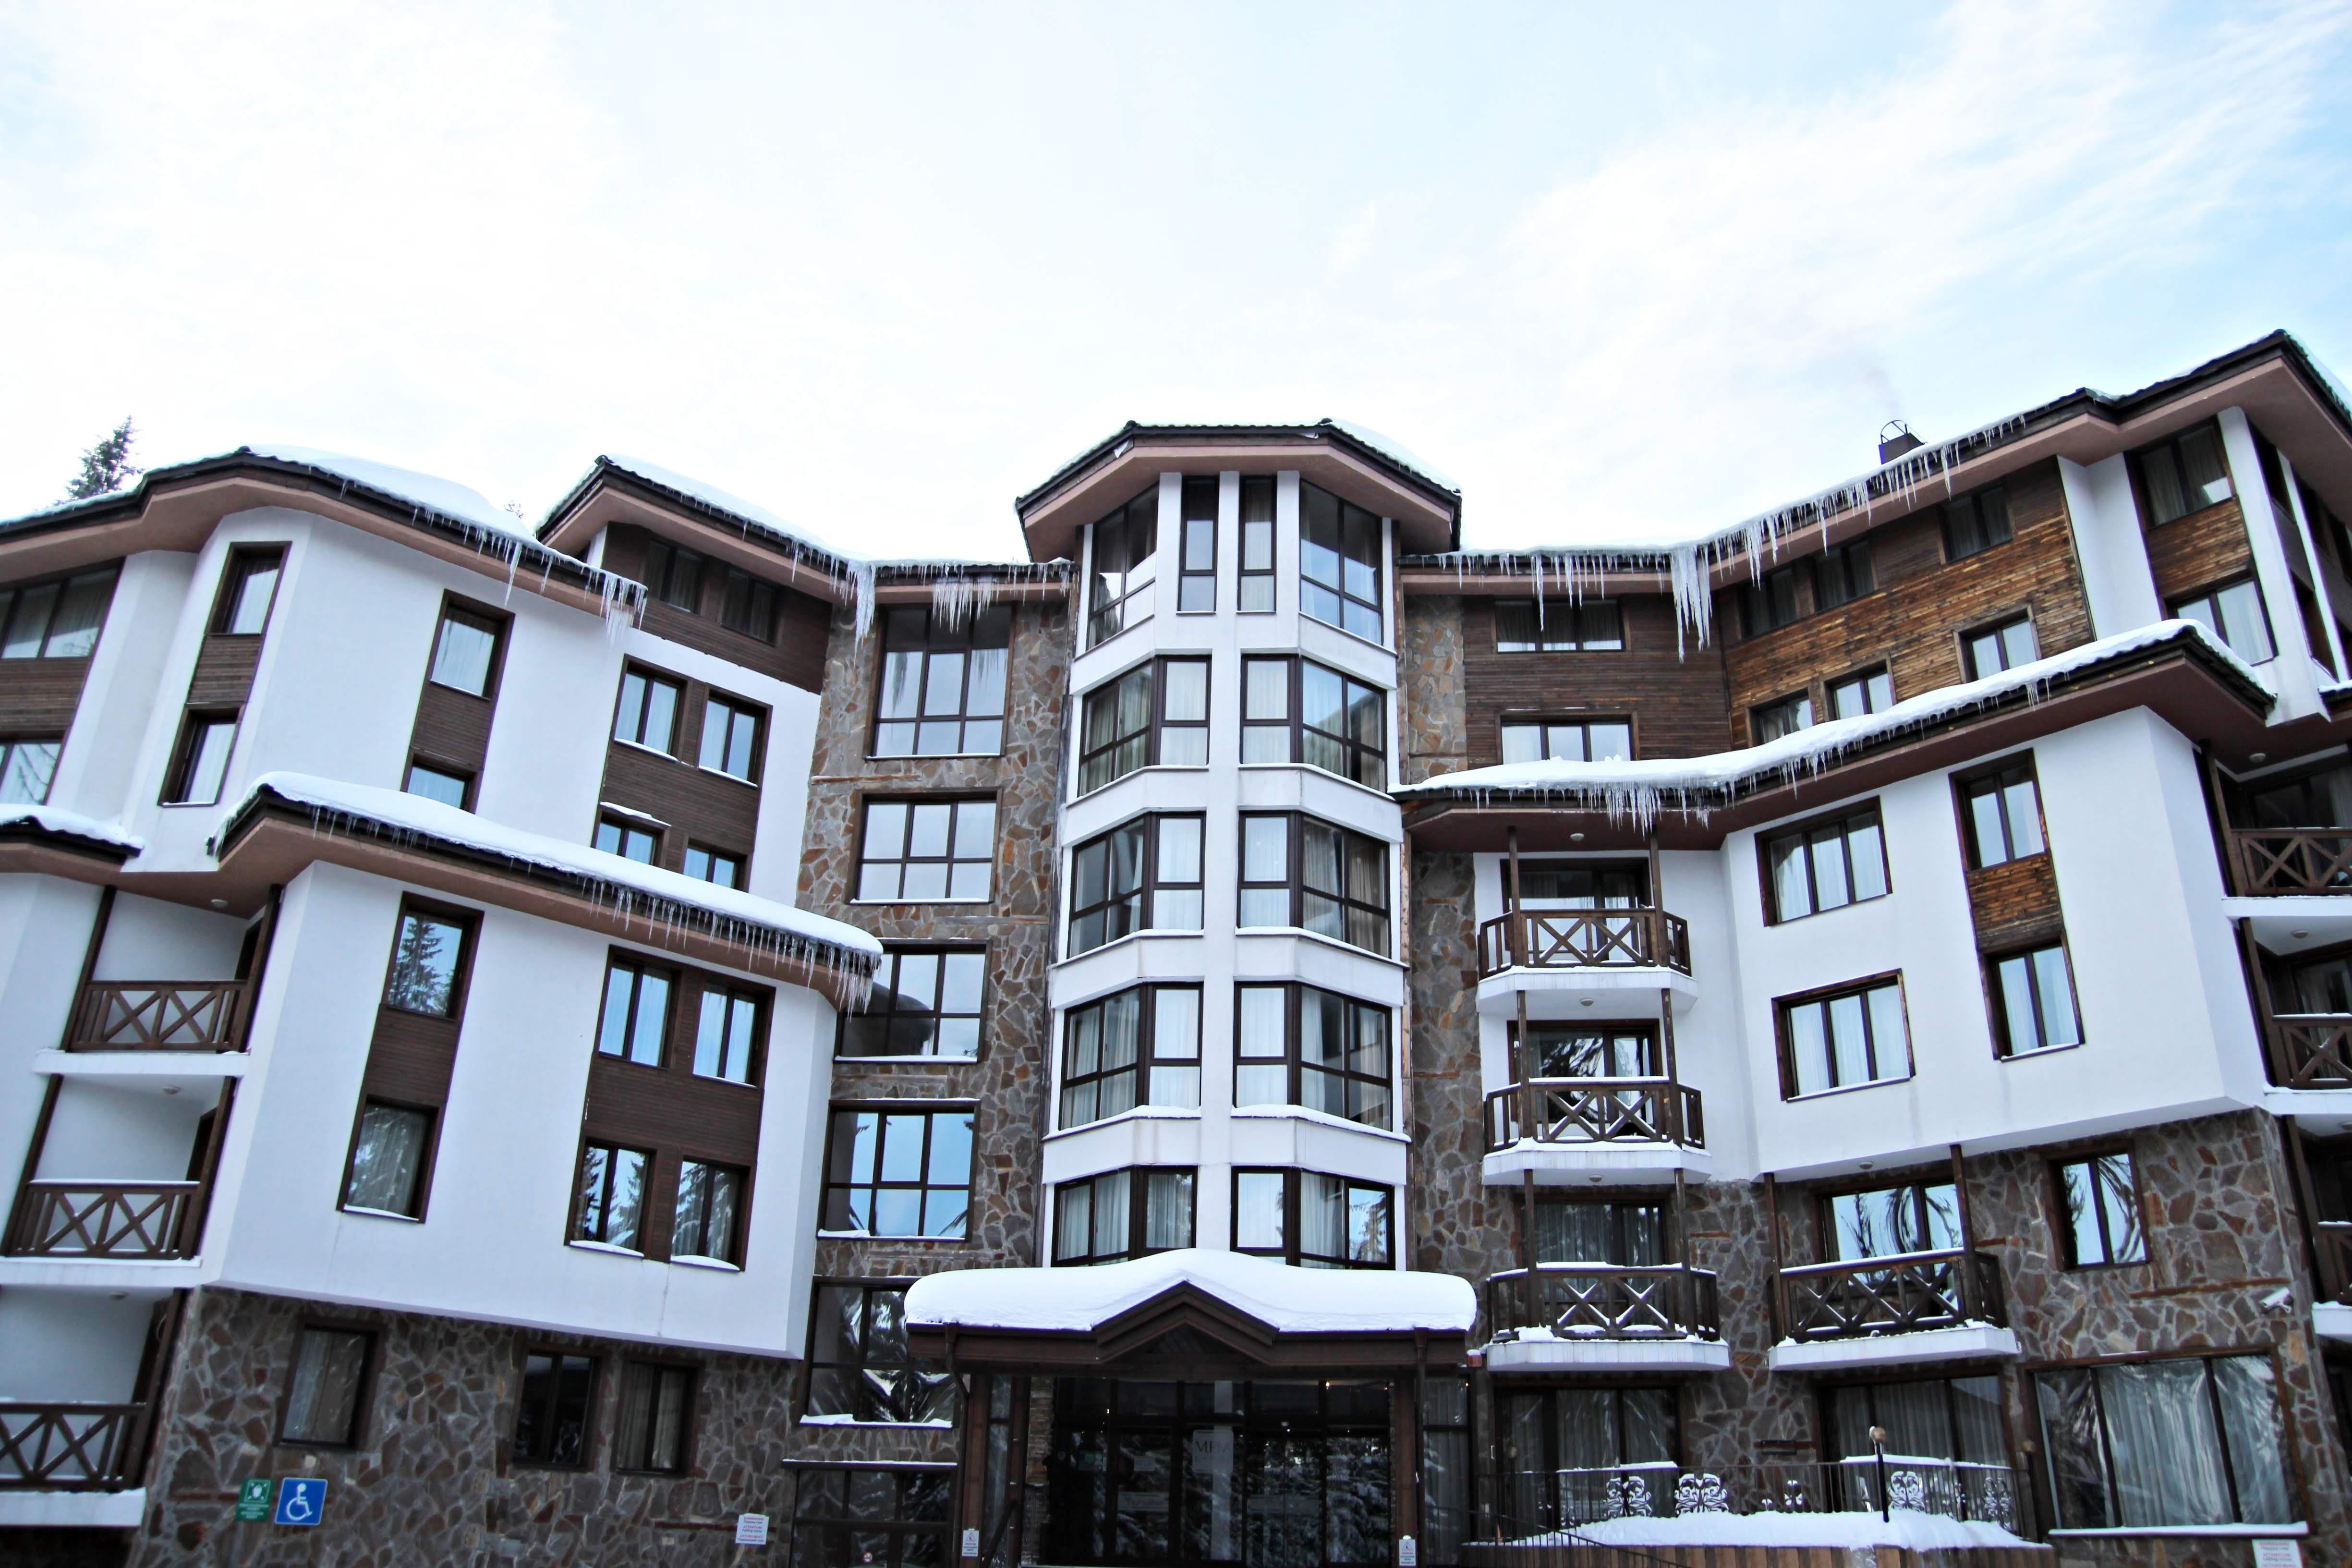 MPM Hotel Mursalitsa, Smolyan